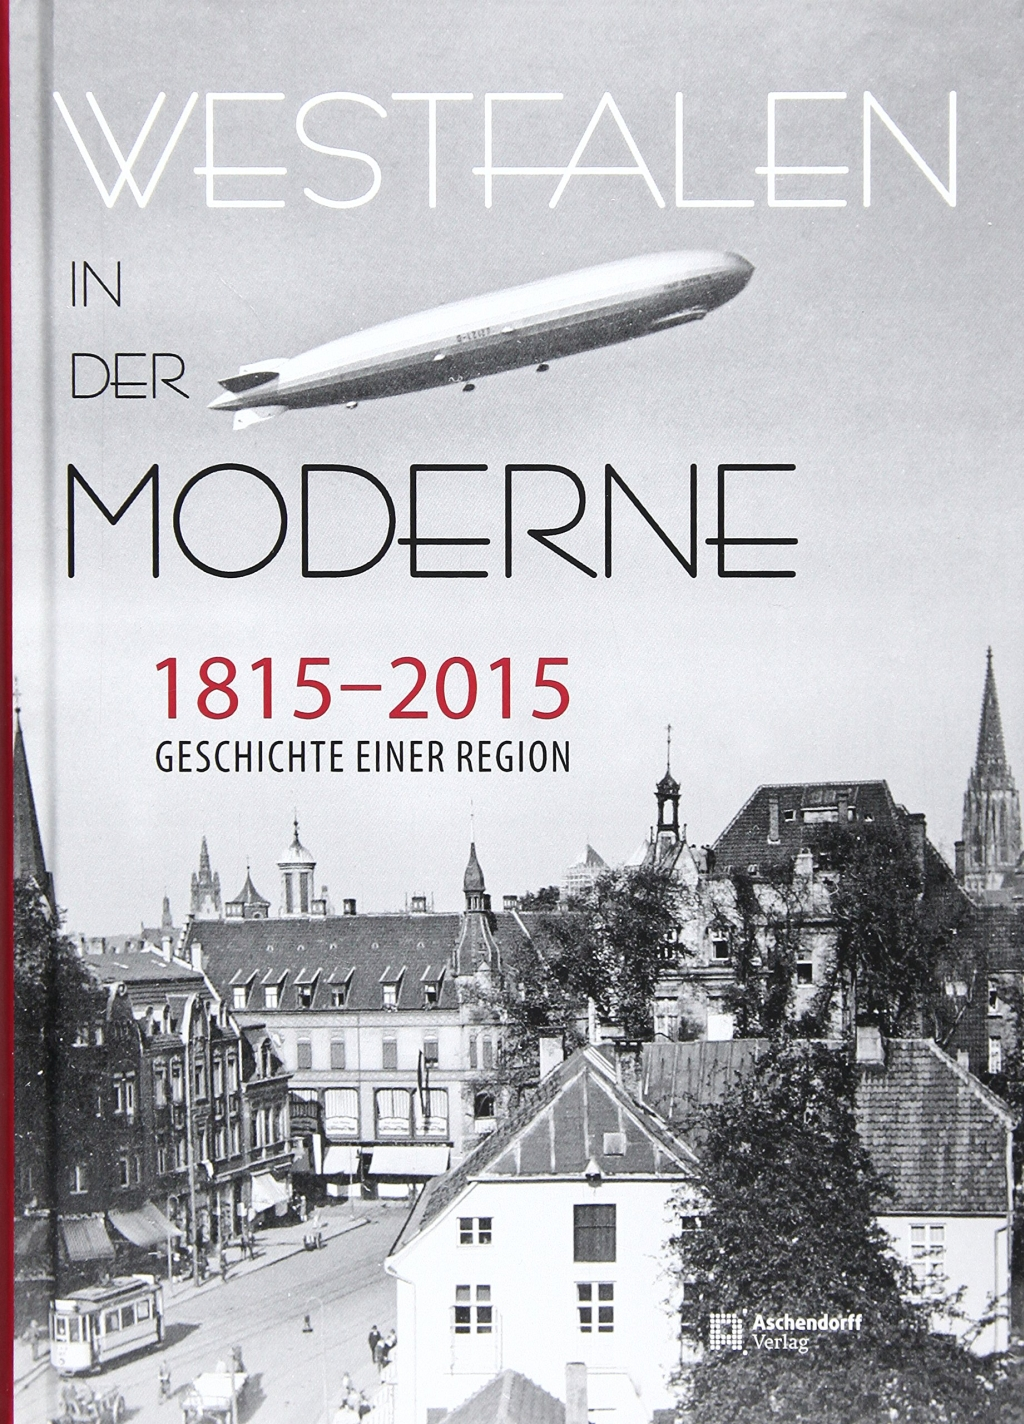 Höhenflüge nicht nur im Zeppelin: Das Münsterland im Sog des Industriezeitalters (Bild: Aschendorff Verlag)